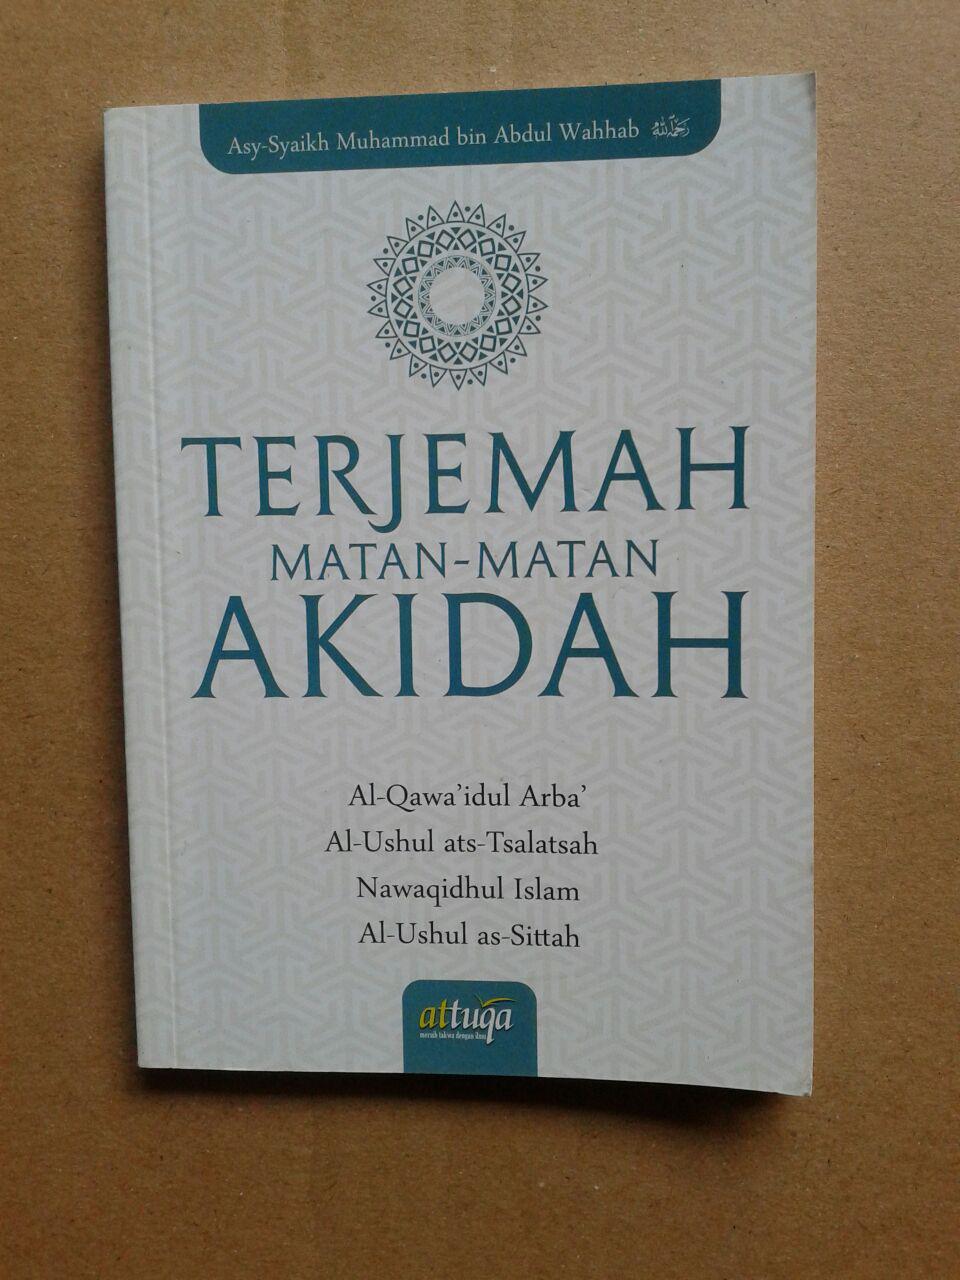 Buku Saku Terjemah Matan-Matan Akidah